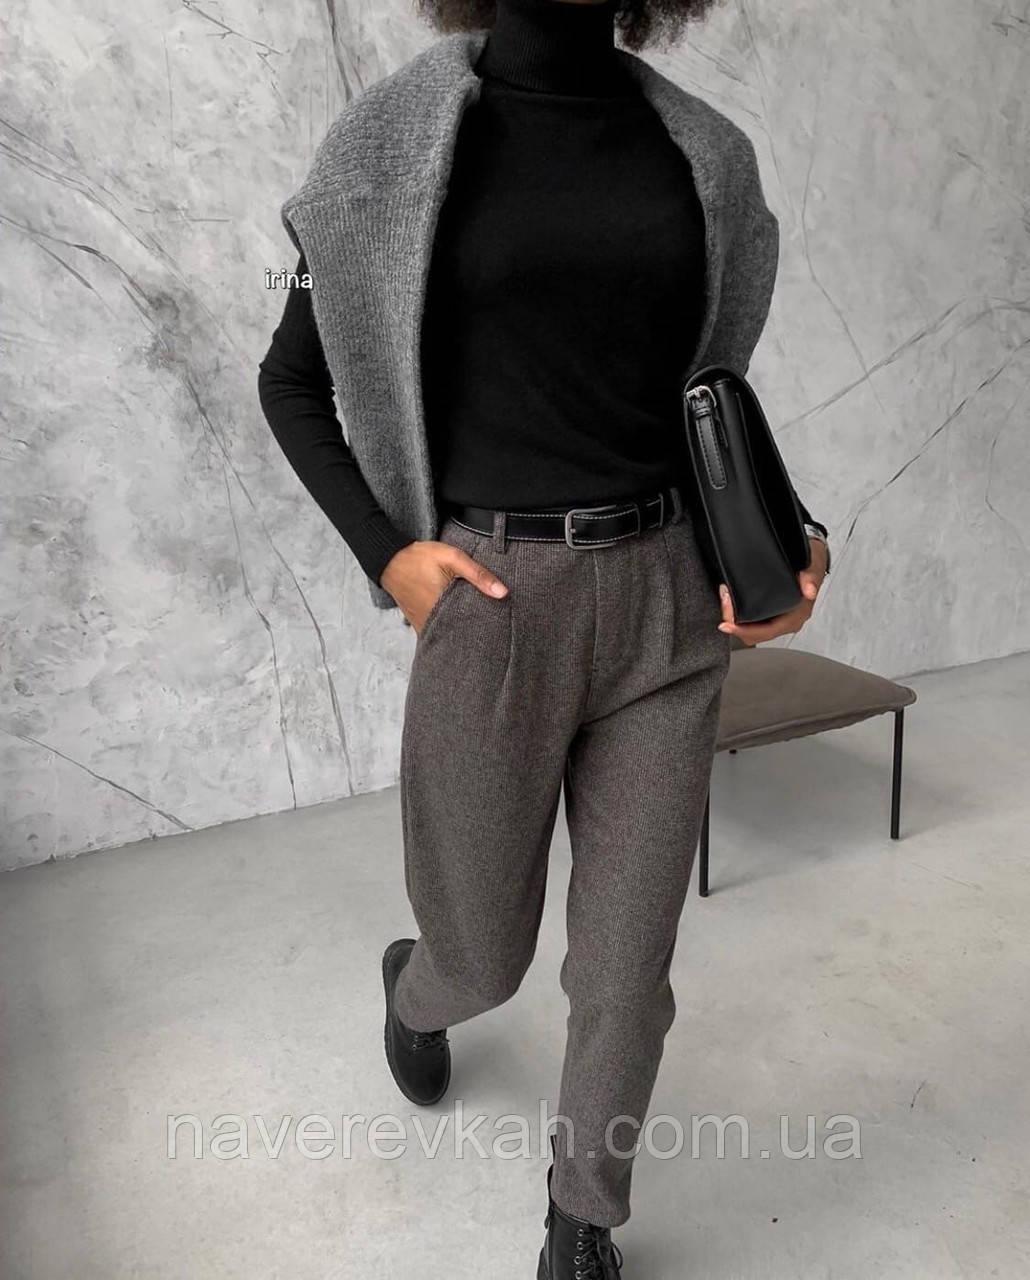 Женские зимние теплые брюки трикотаж шерсть S-М М-L